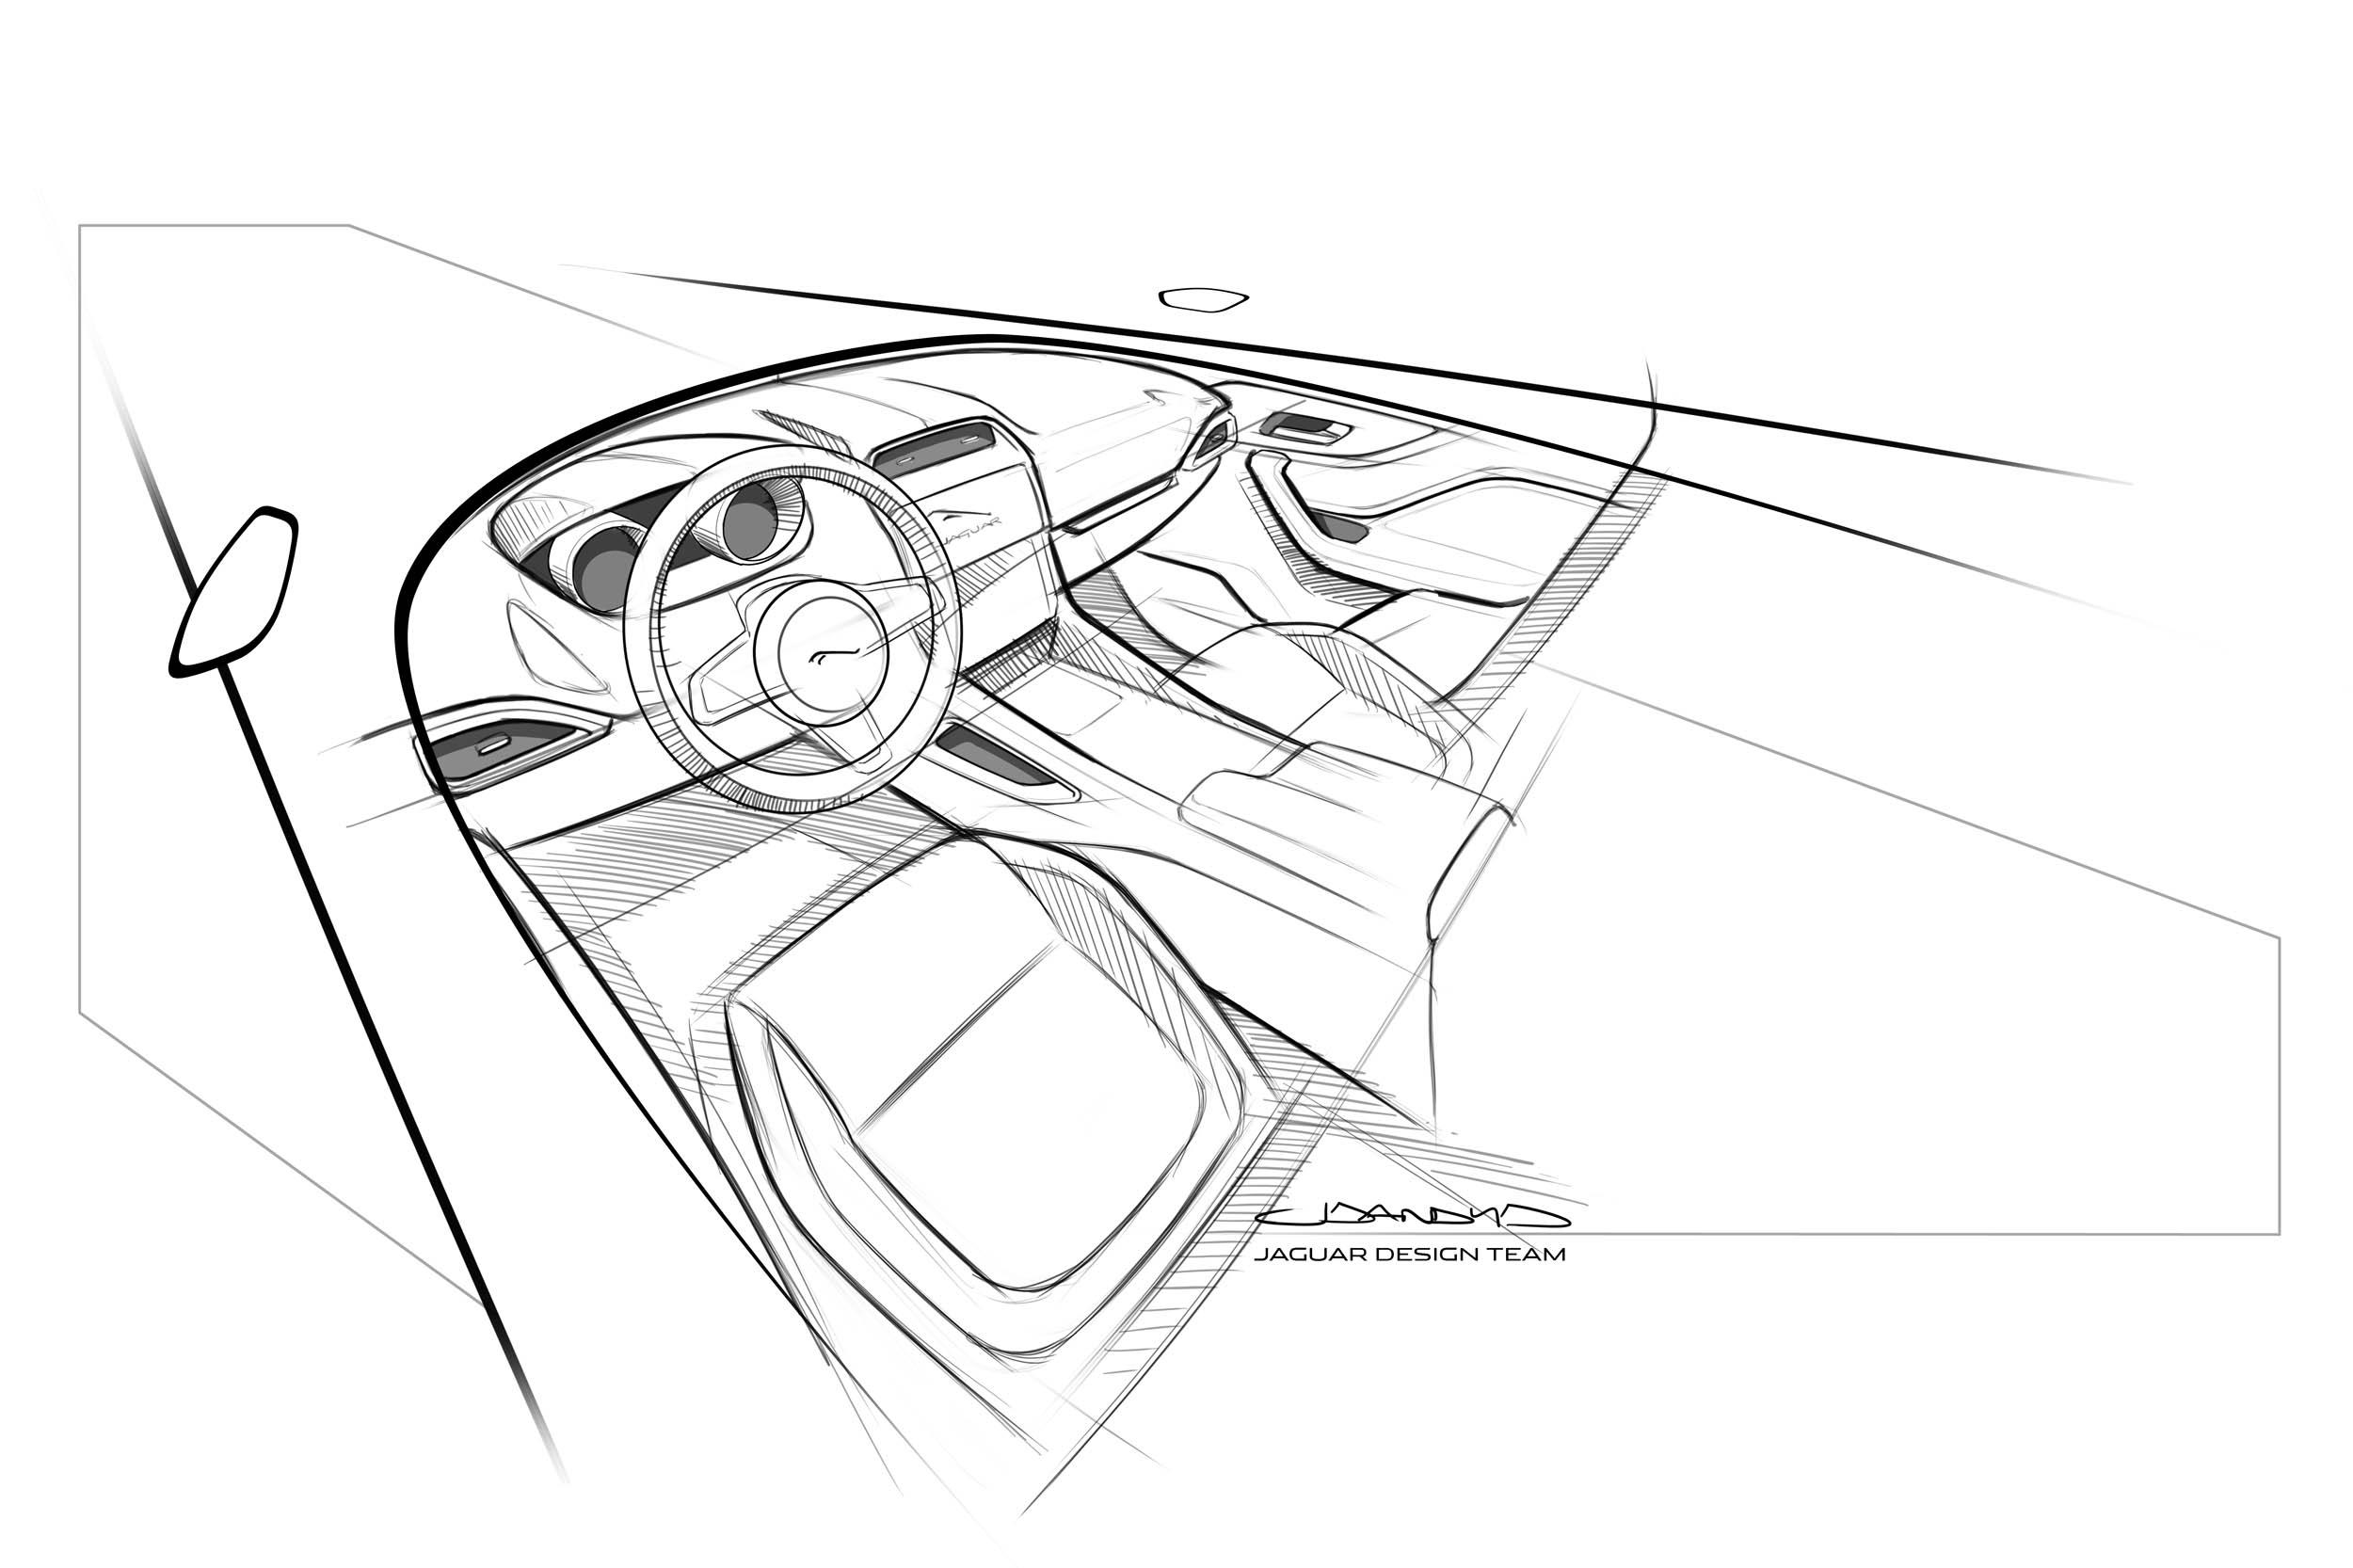 Frankfurt All New Jaguar F Pace Suv Revealed Jag